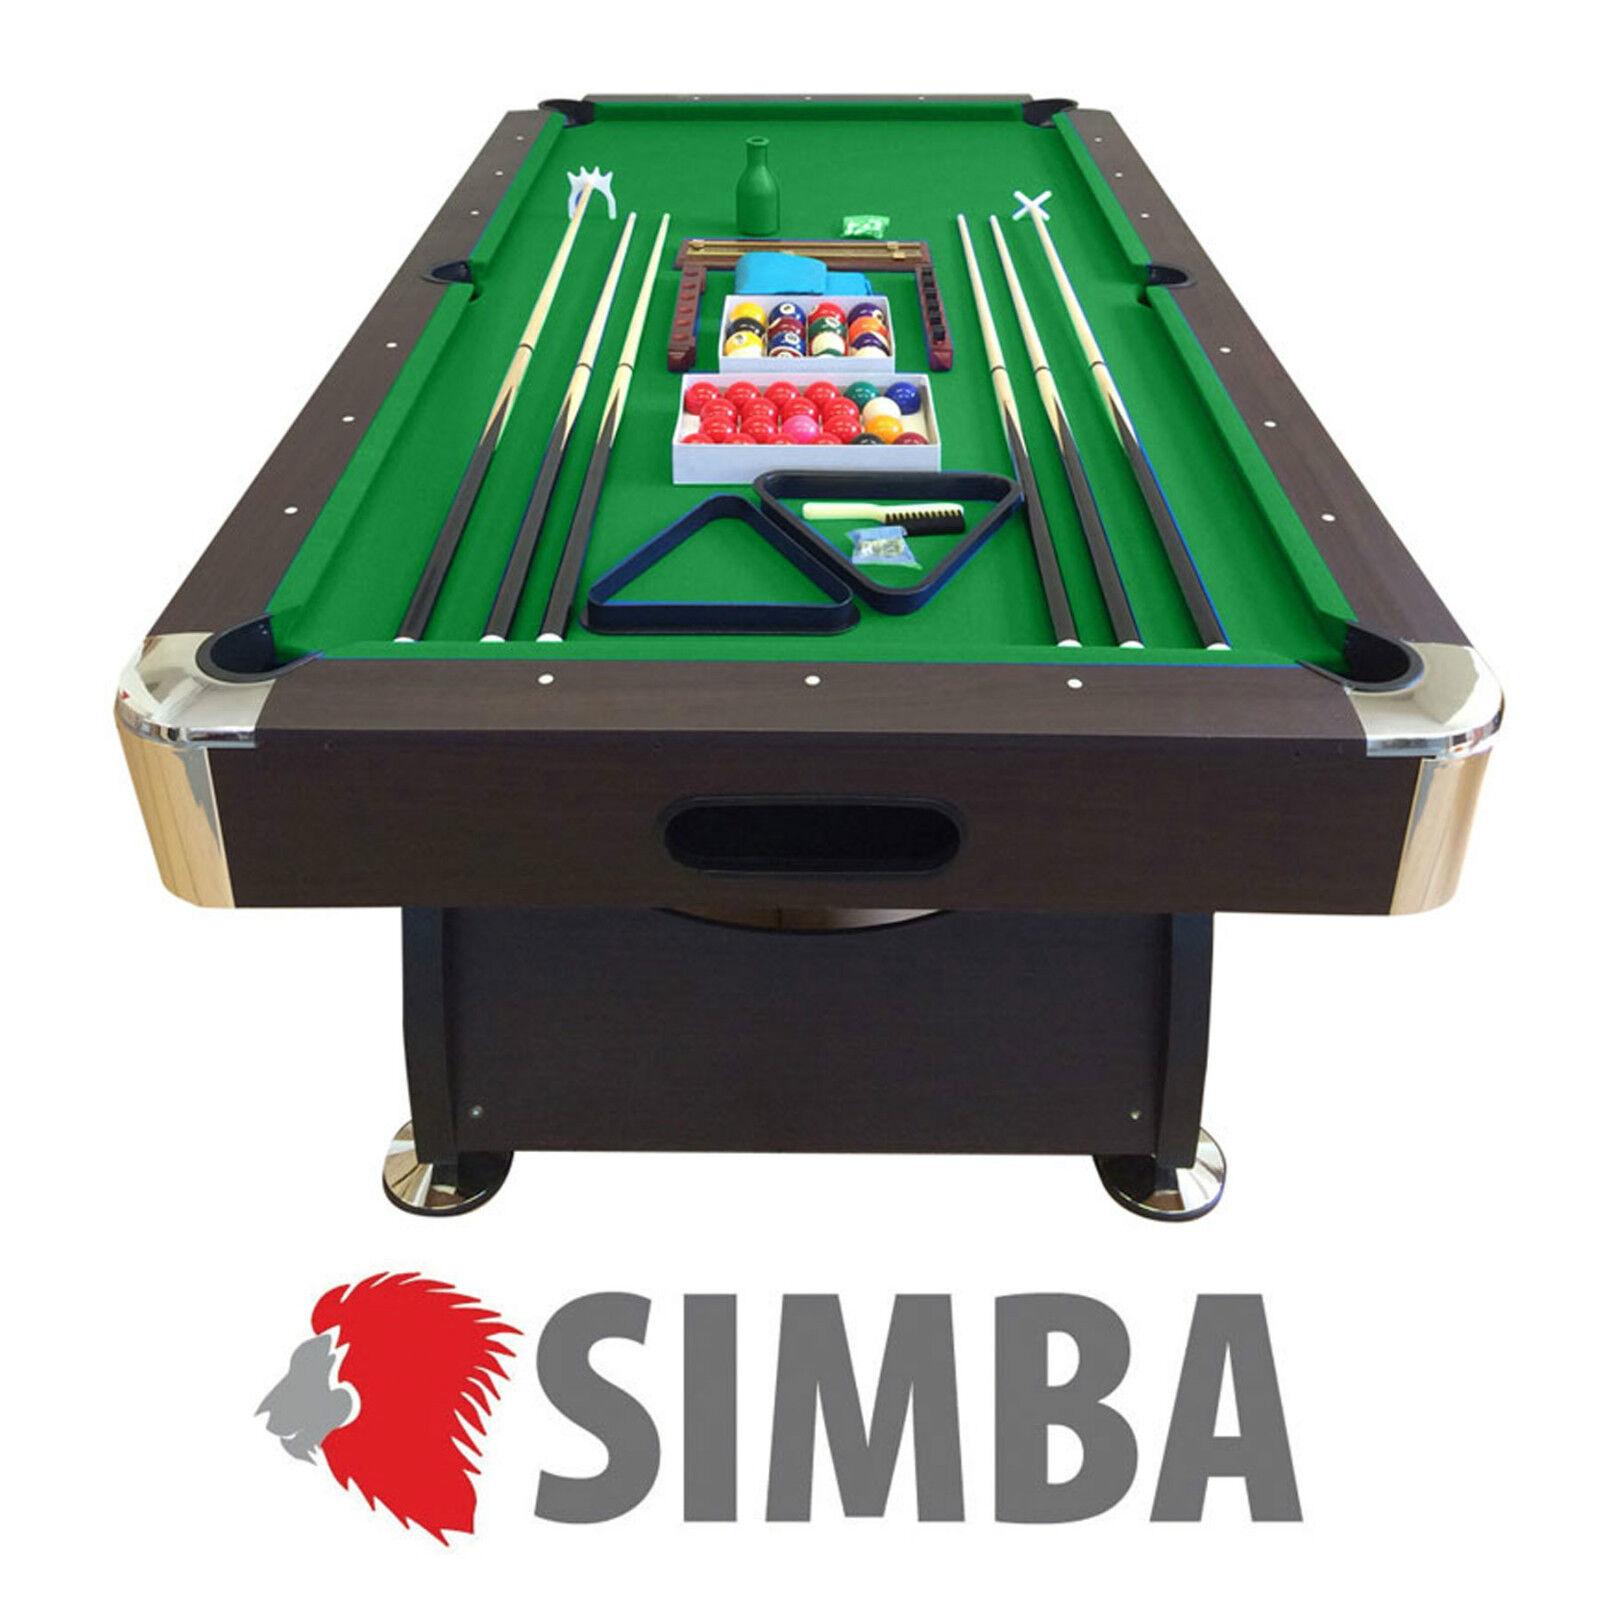 Mesa de billar pool 8 ft carambola pool Vintage verde Juegos de billar Nuevo